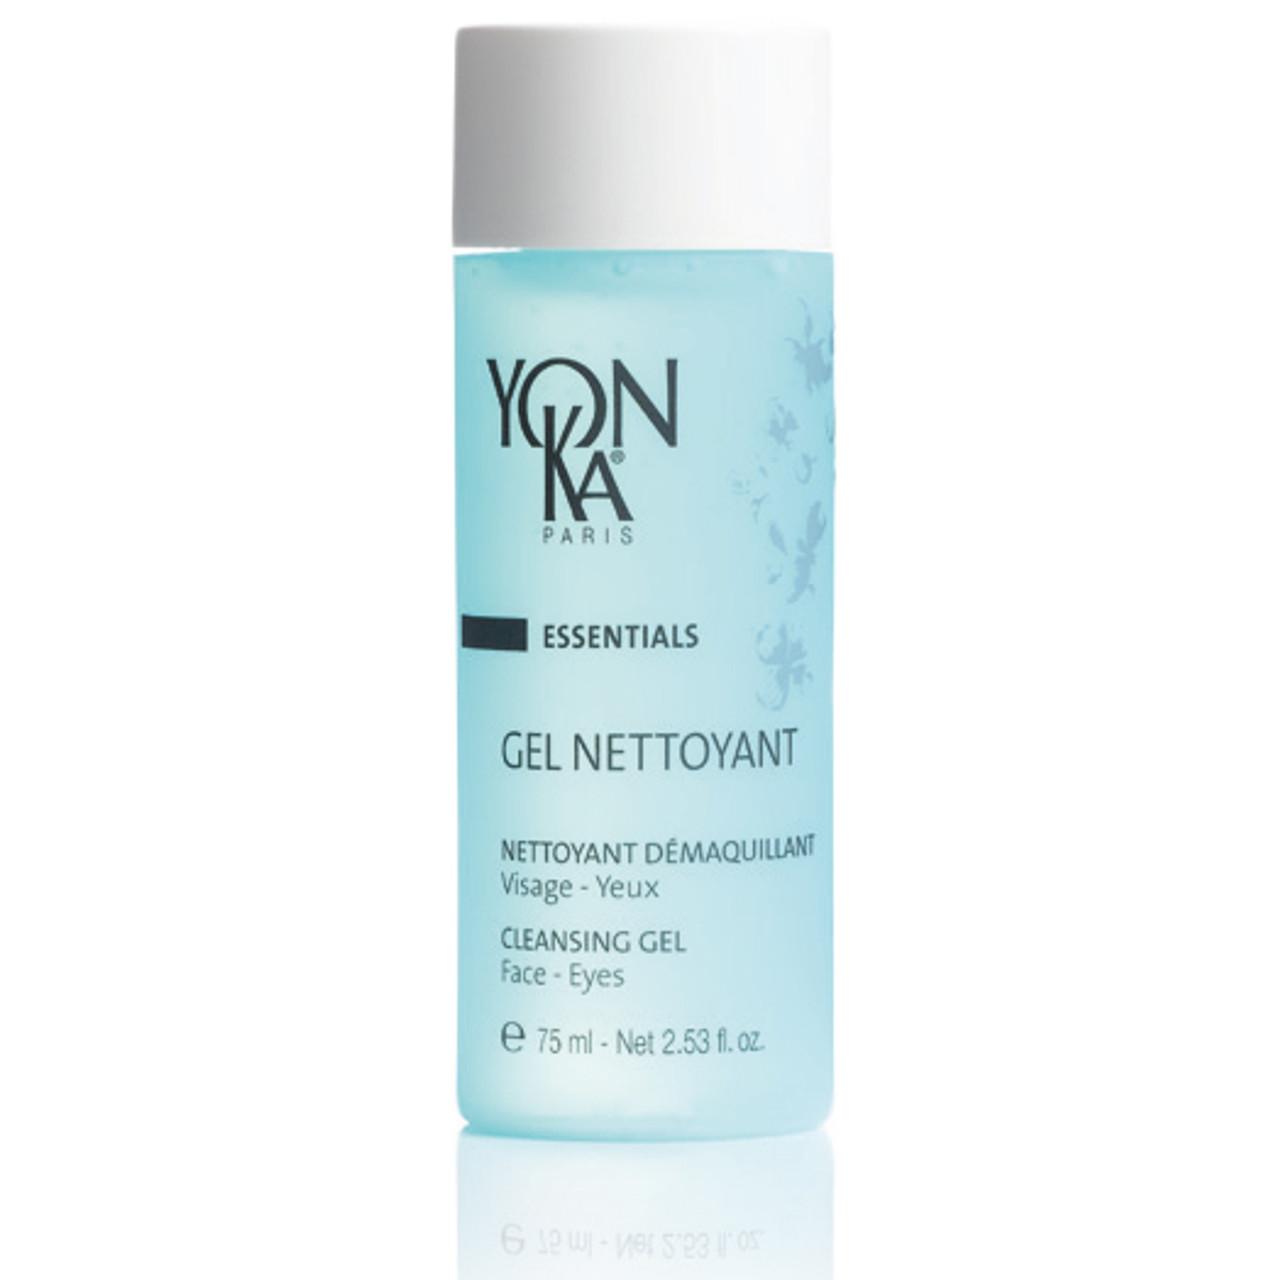 Yon-ka Cleansing Gel Nettoyant - 2 OZ